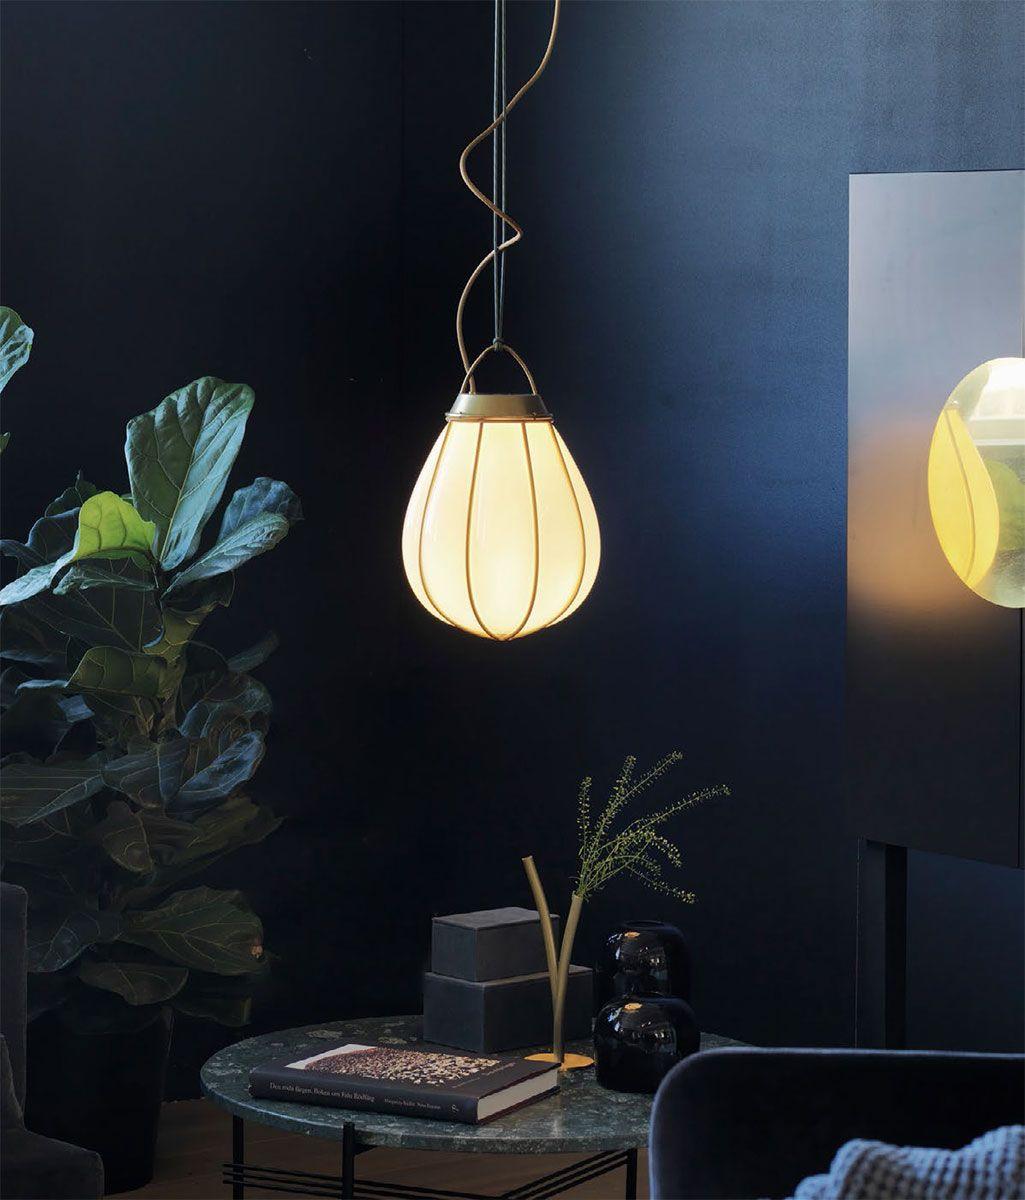 Exklusive Manufaktur Hangeleuchte Aus Messing Und Glas Hobo Von Orsjo Belysning In 2020 Hangeleuchte Beleuchtung Decke Metallgewebe